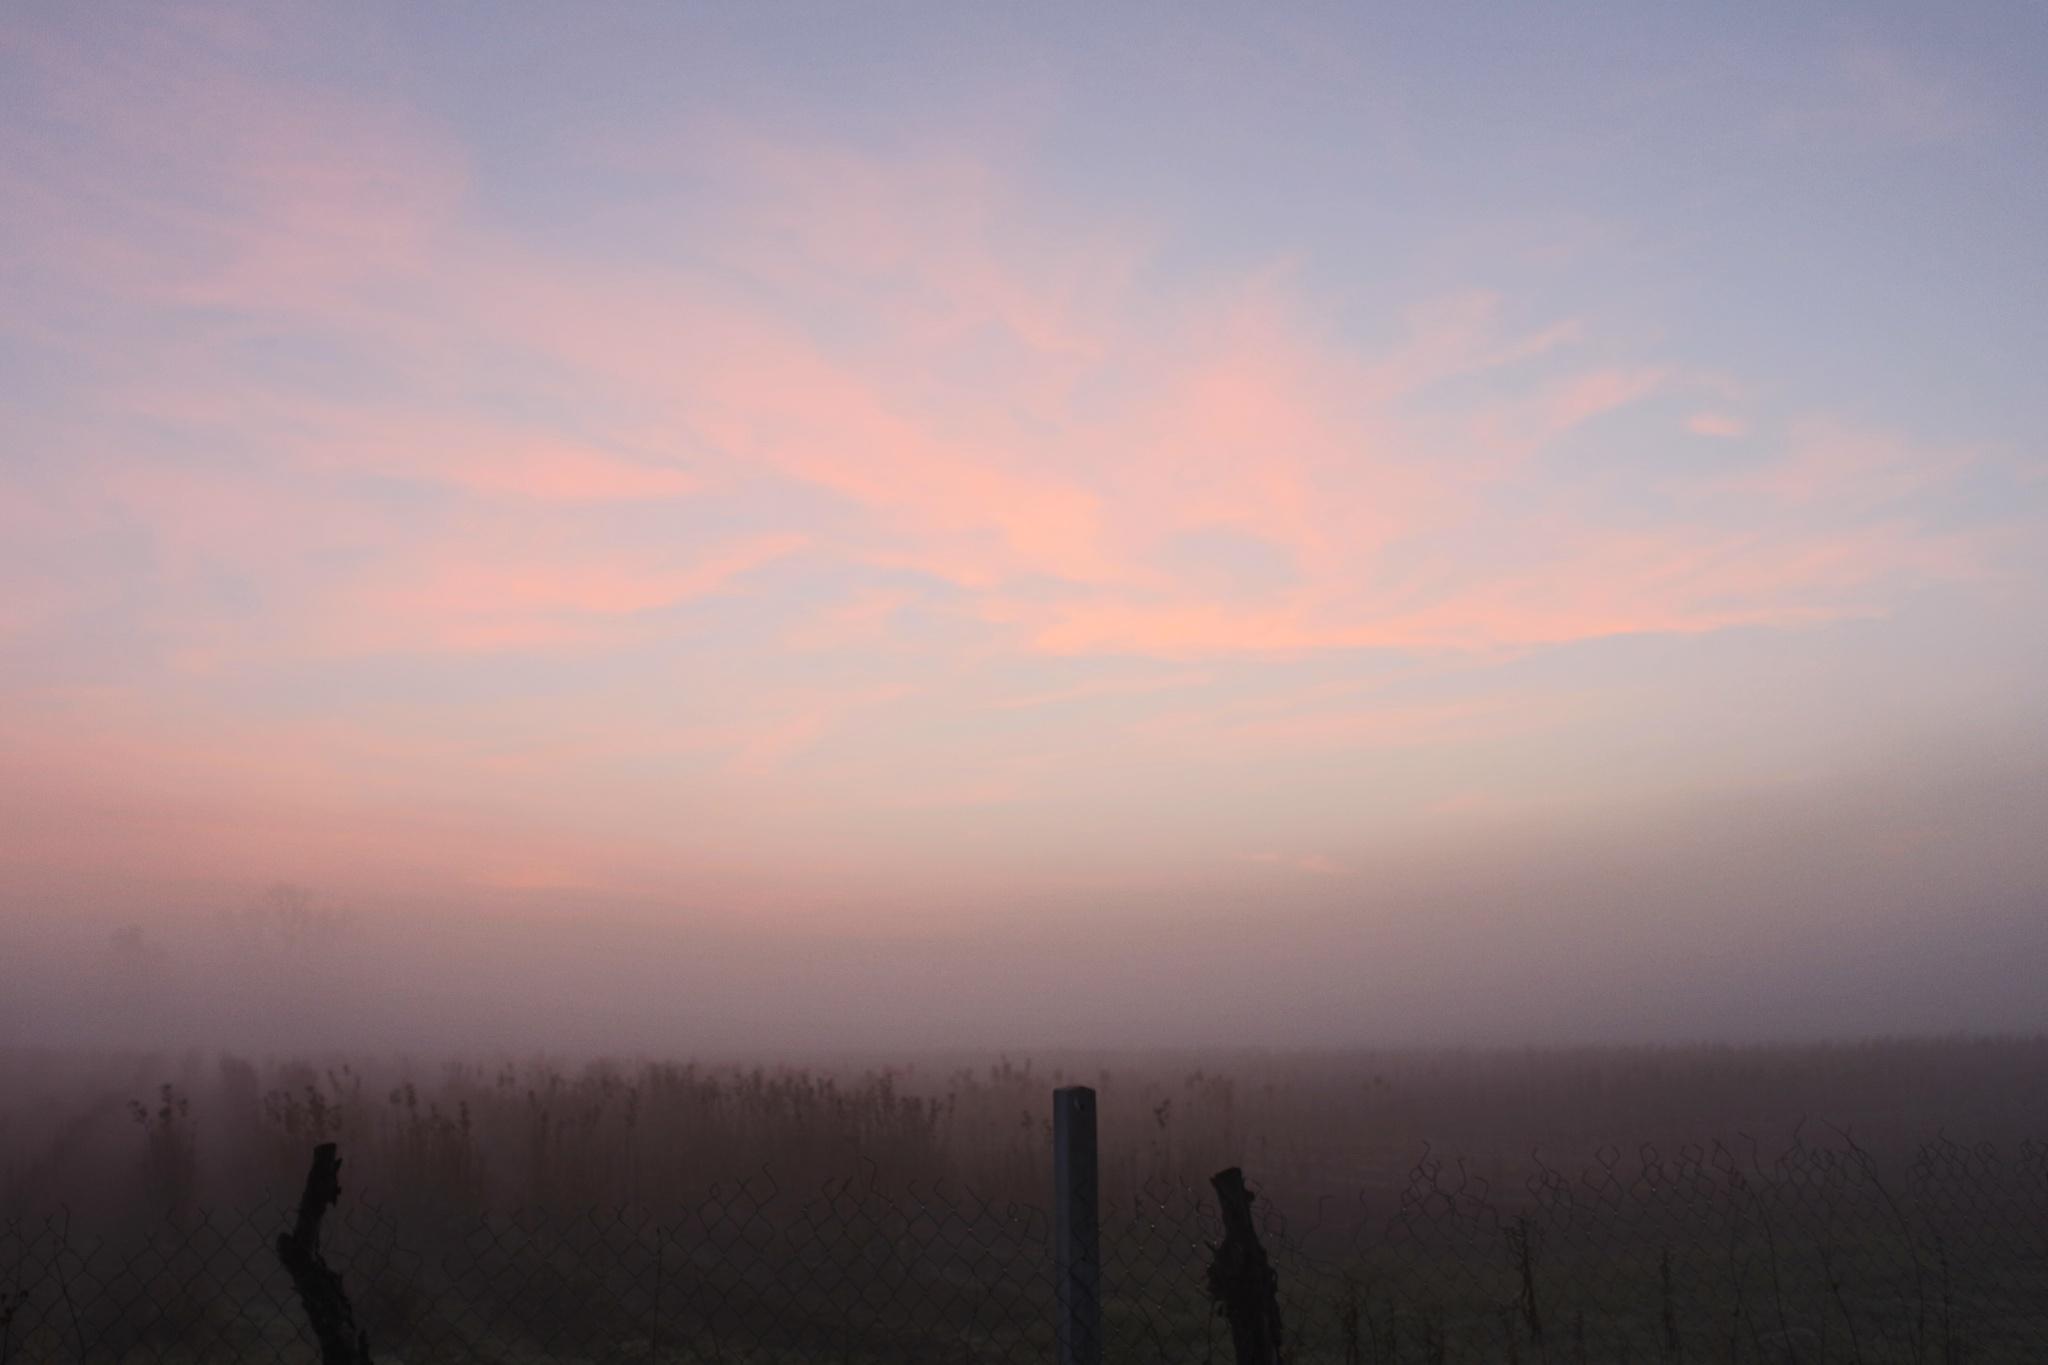 Sunrise by RAFAŁ BABIARZ